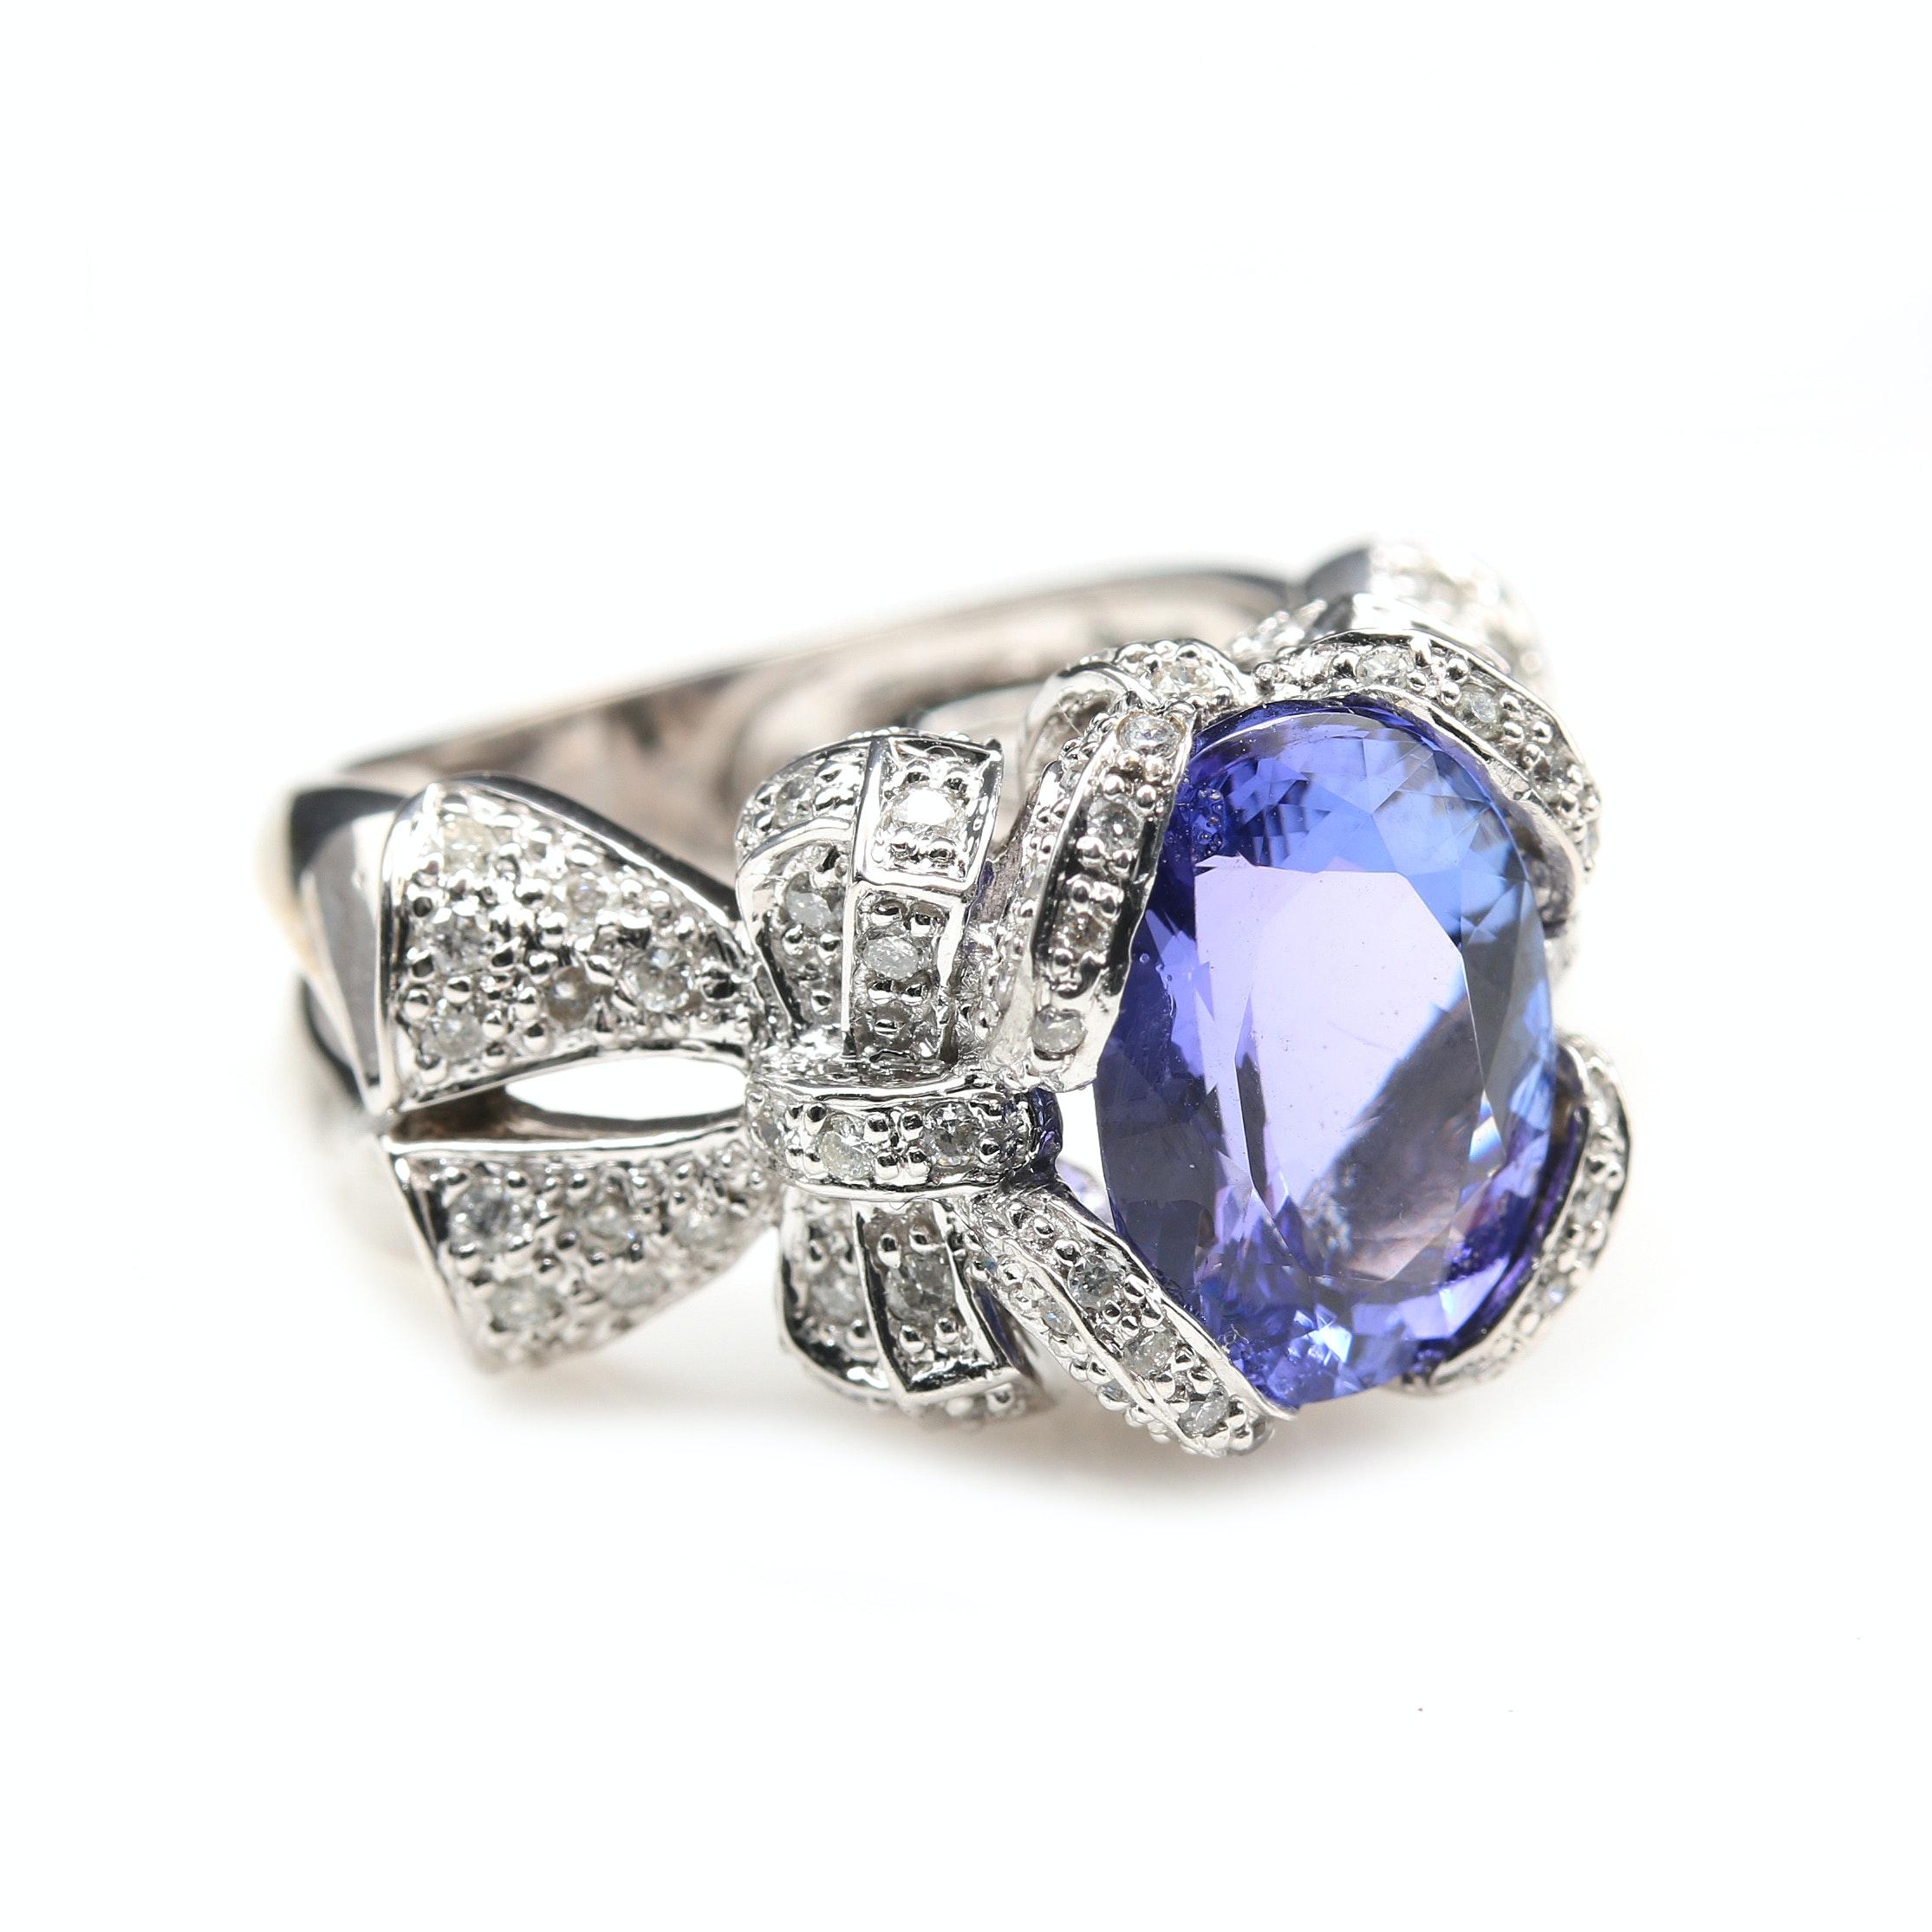 14K White Gold 4.24 CT Tanzanite and Diamond Statement Ring